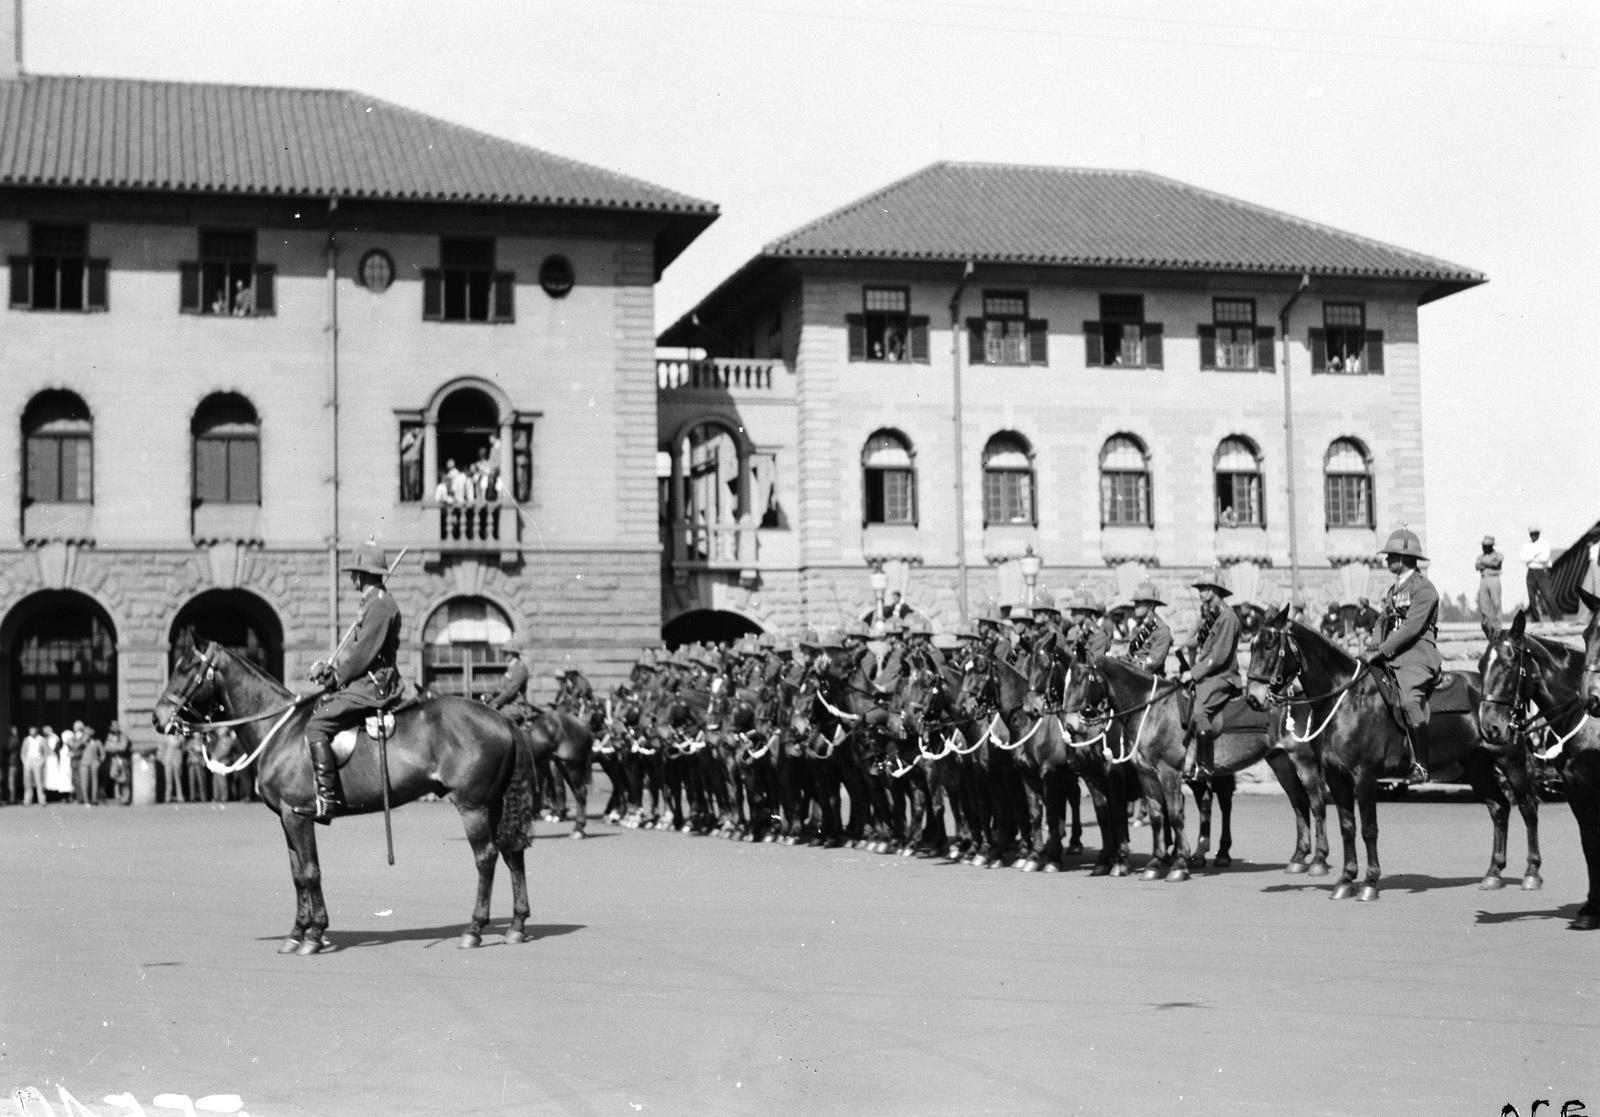 Южно-Африканский Союз. Претория. Военные перед началом парада в ожидании прибытия губернатора